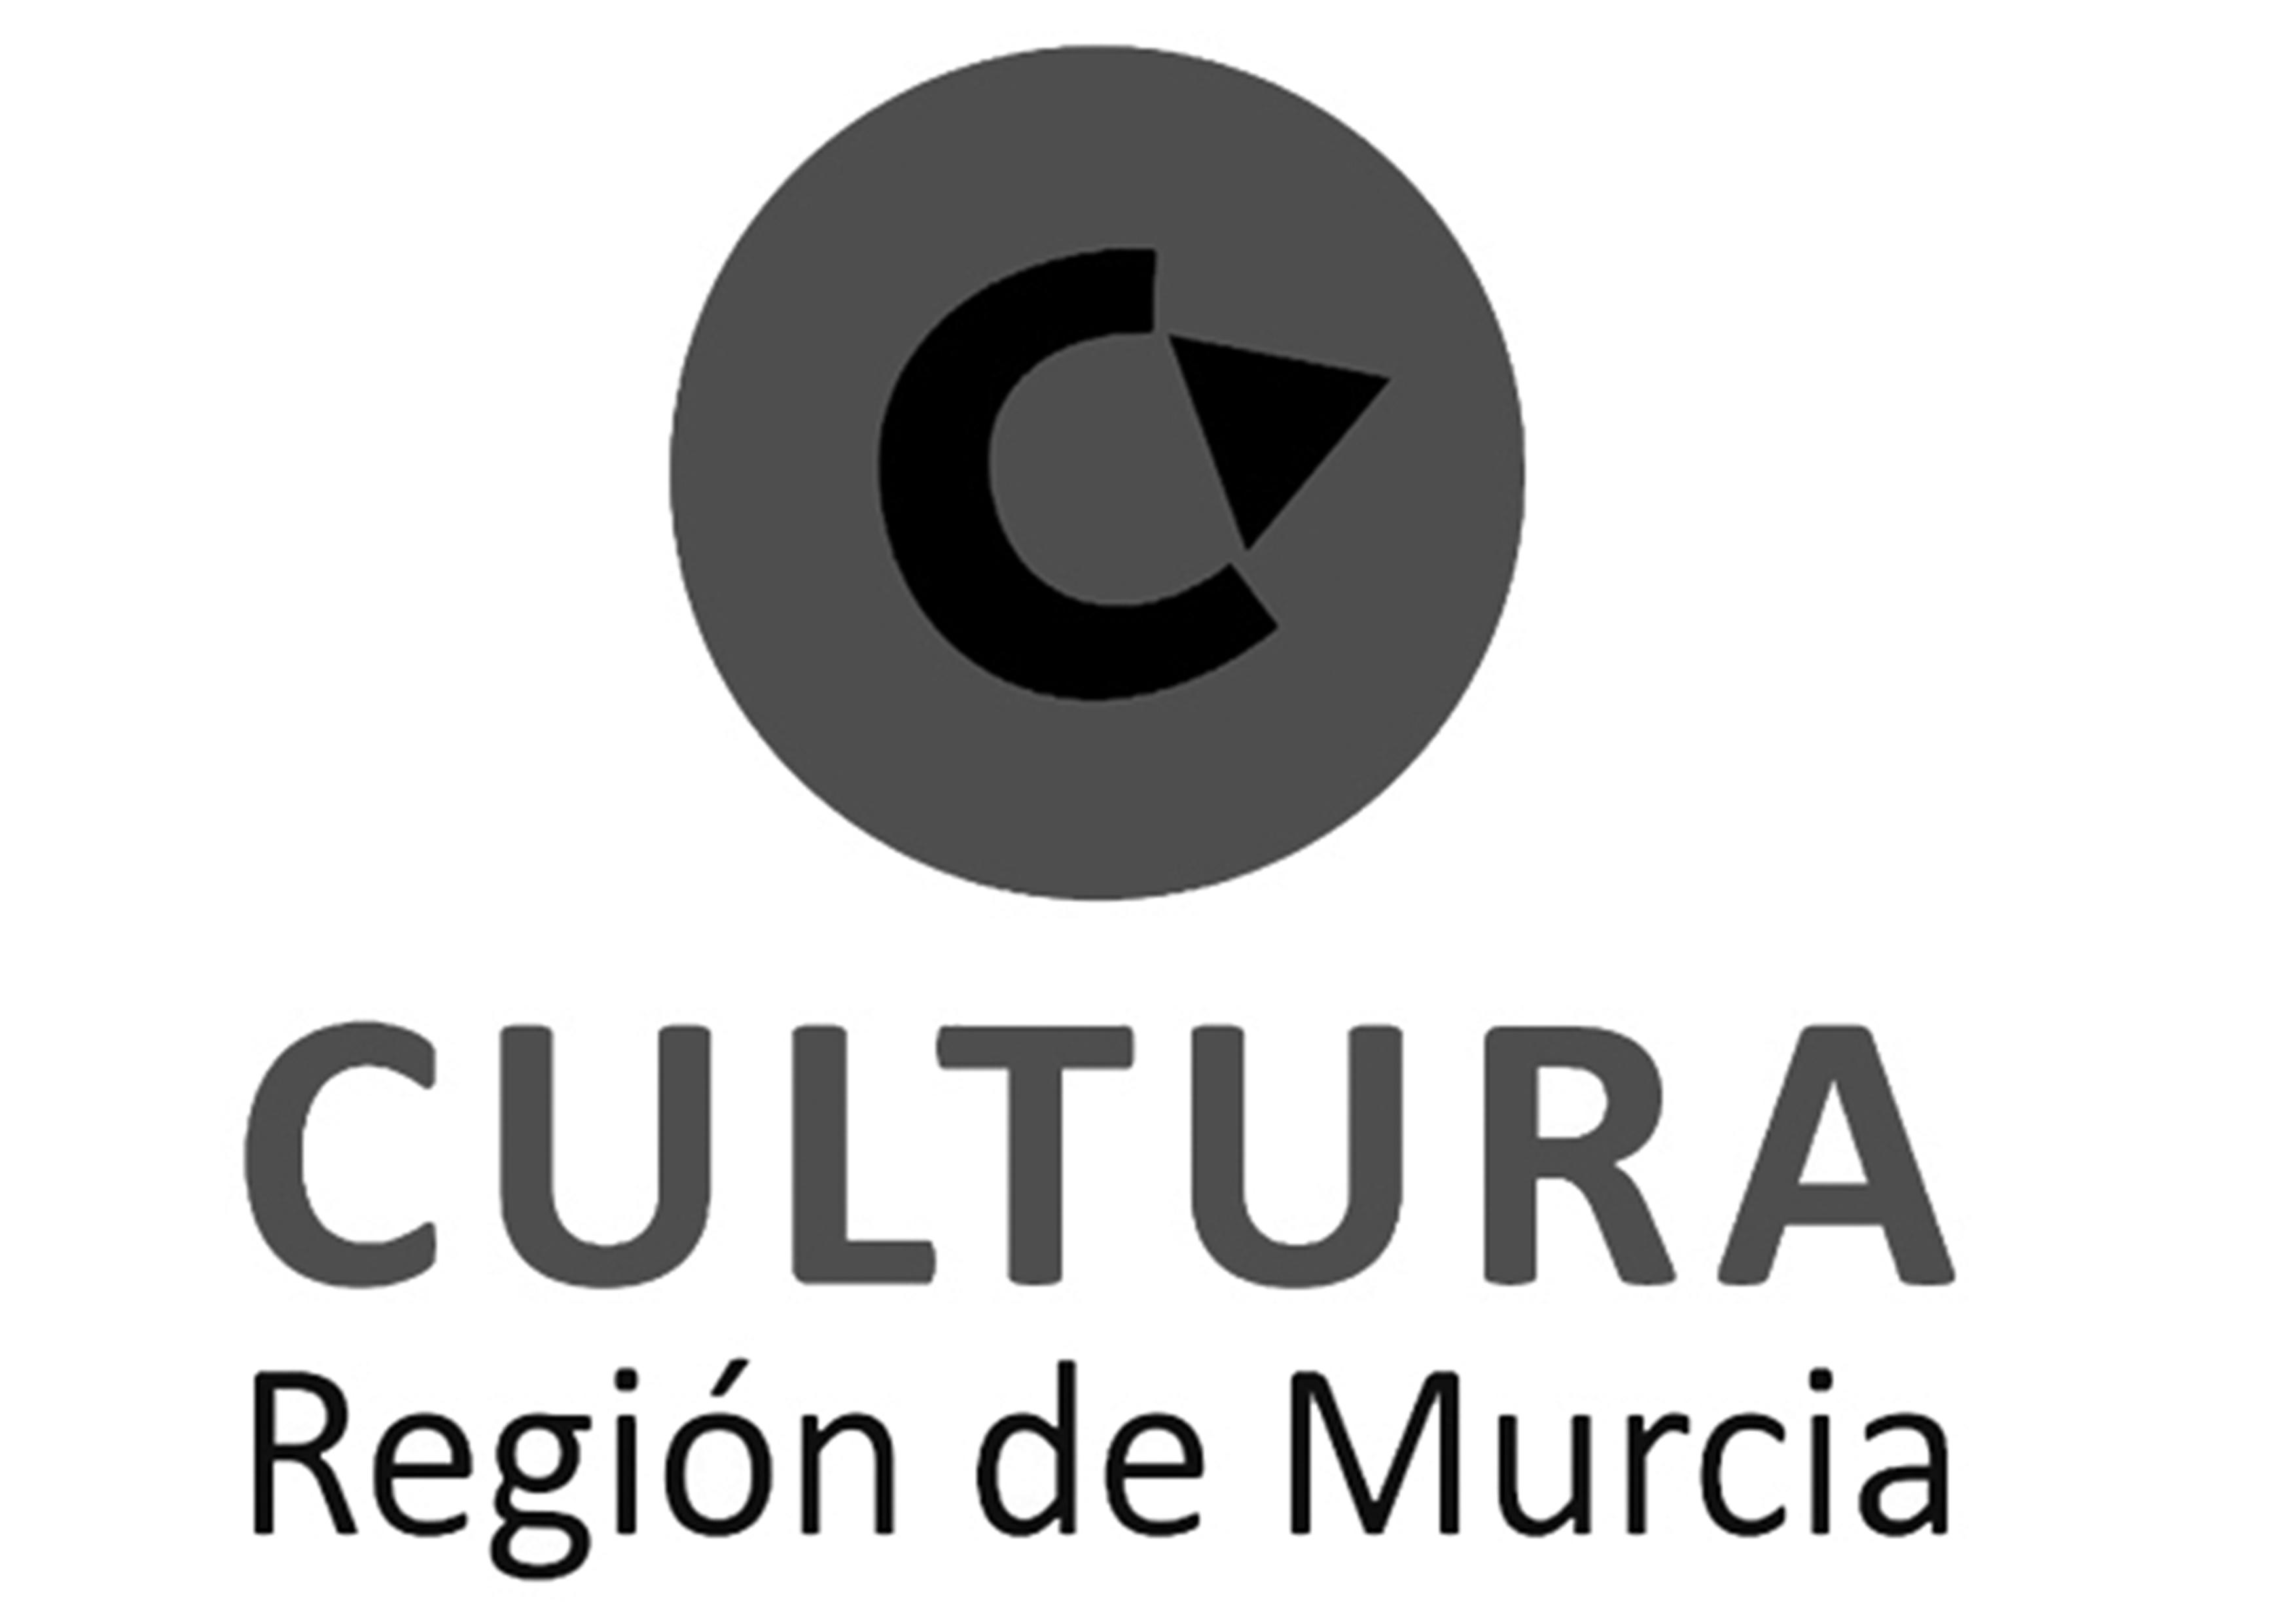 LOGOS - CULTURA Región de Murcia - EGrises